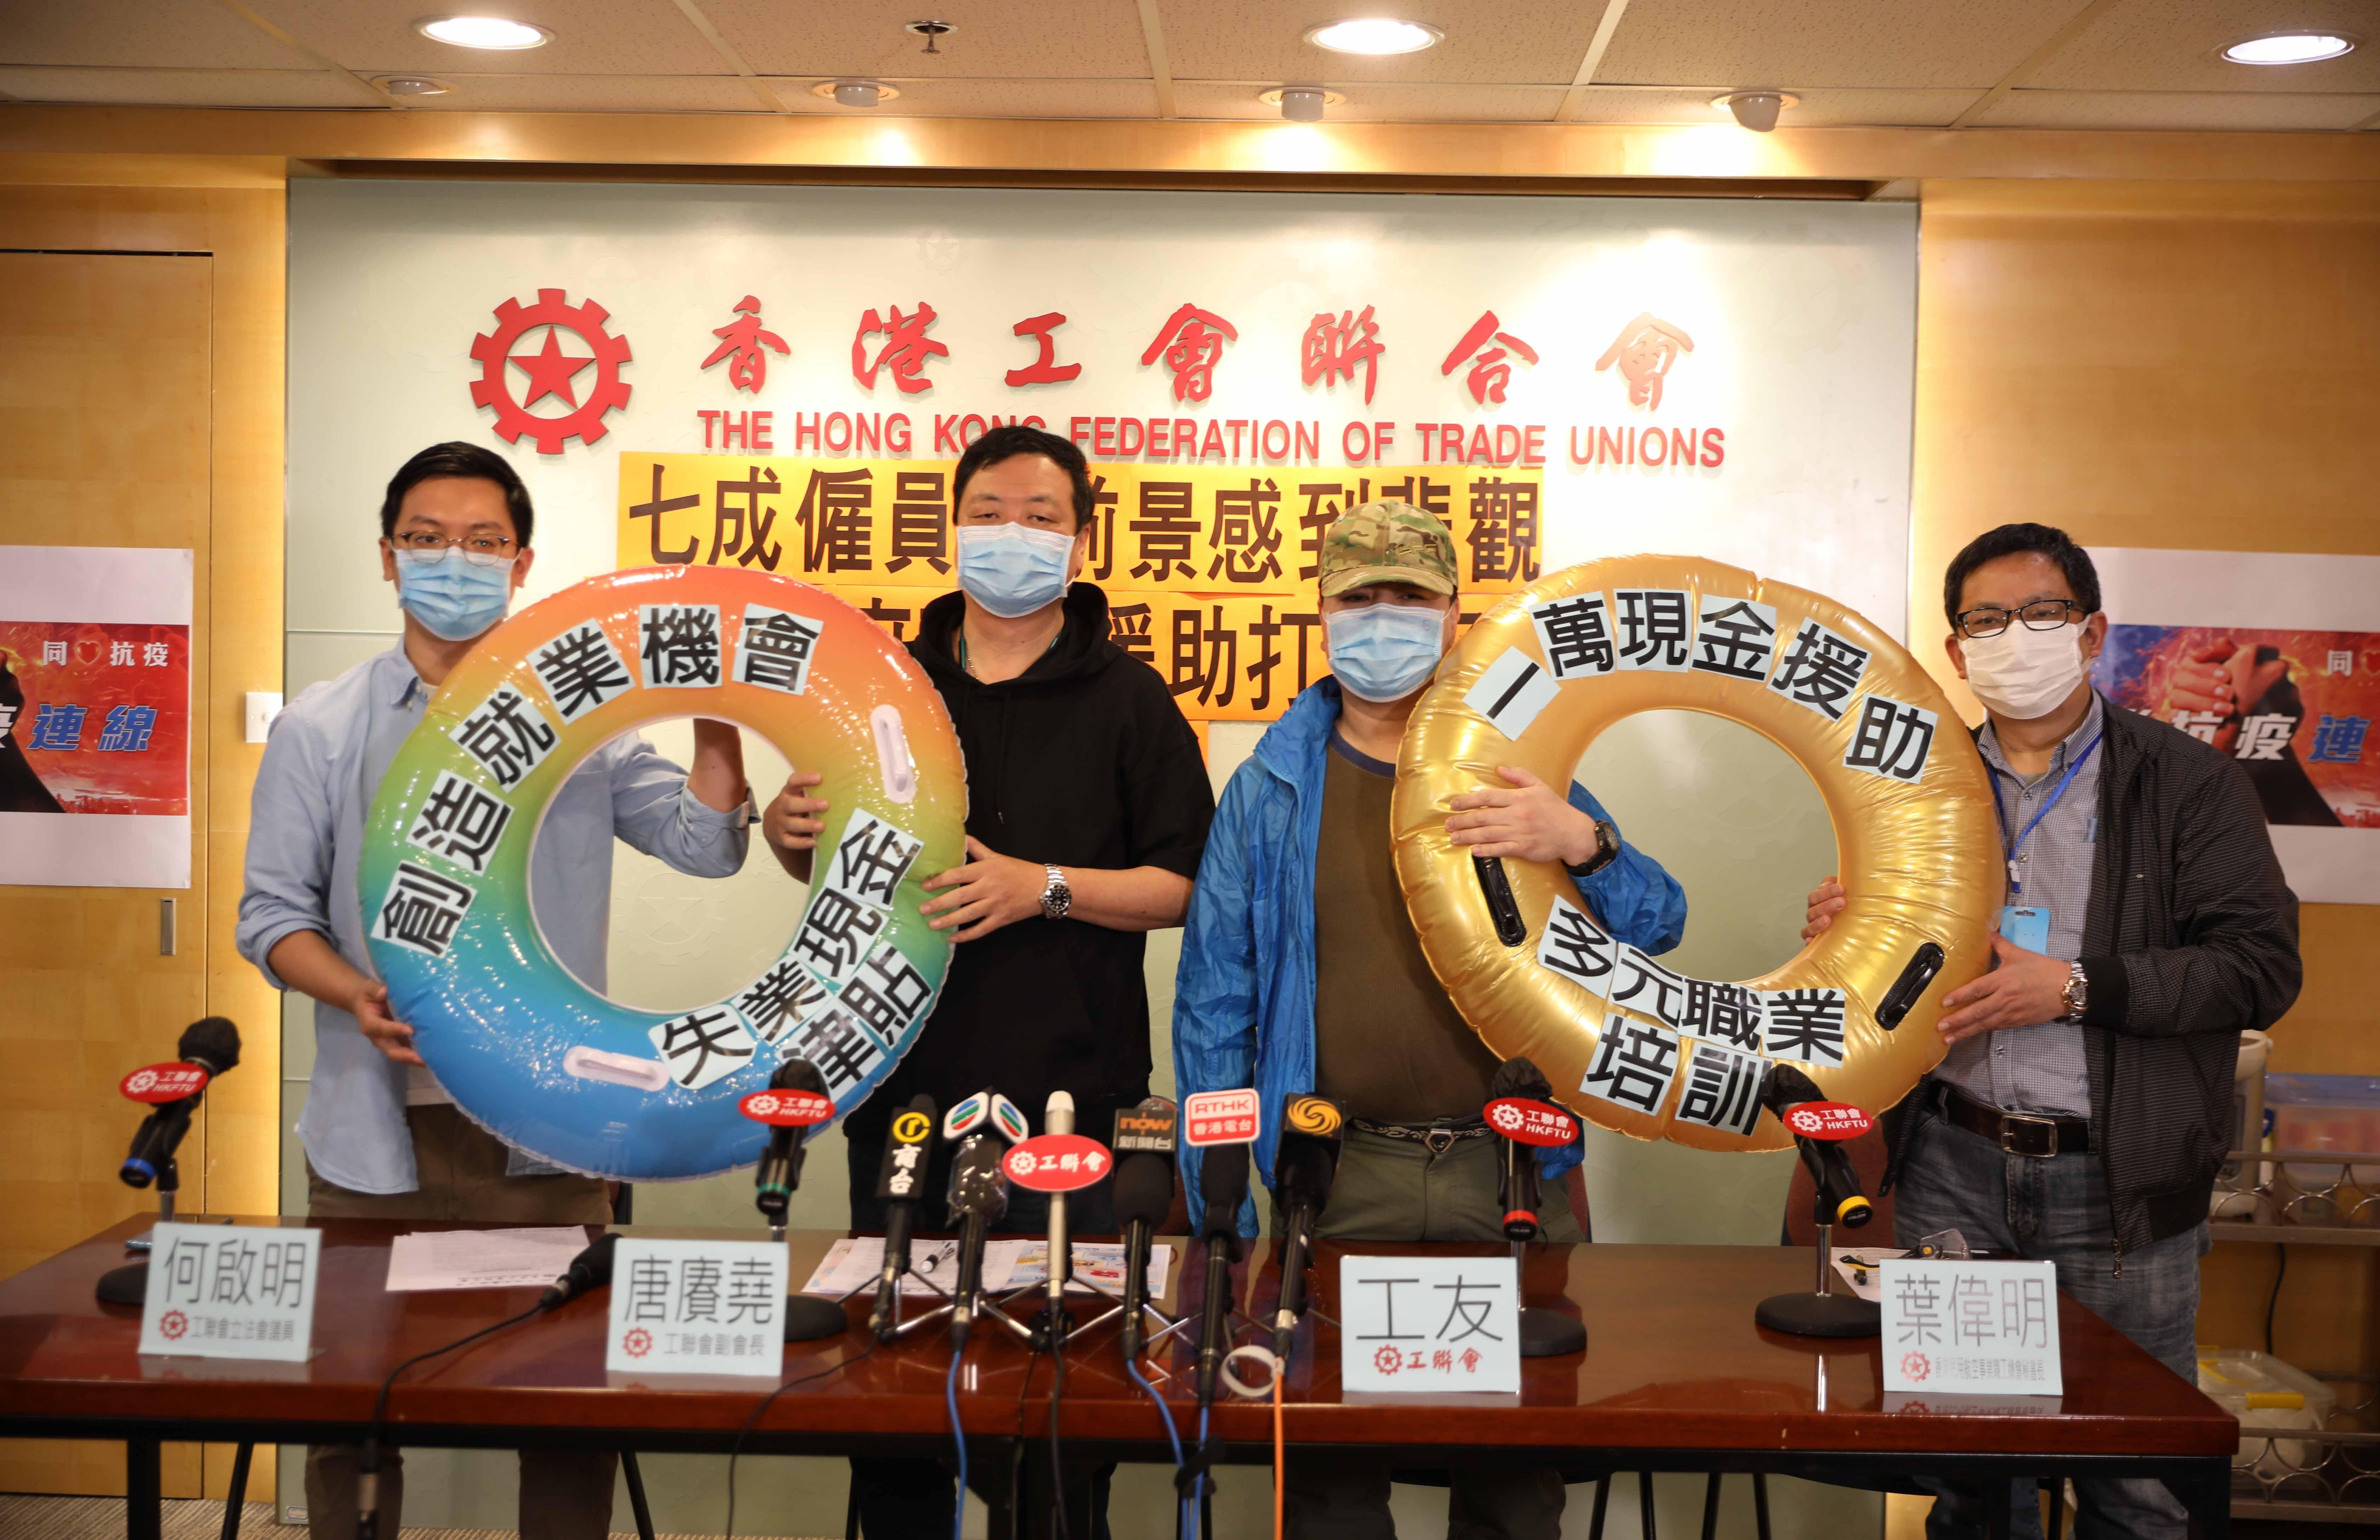 七成僱員對前景感悲觀 工聯會促港府加強失業援助